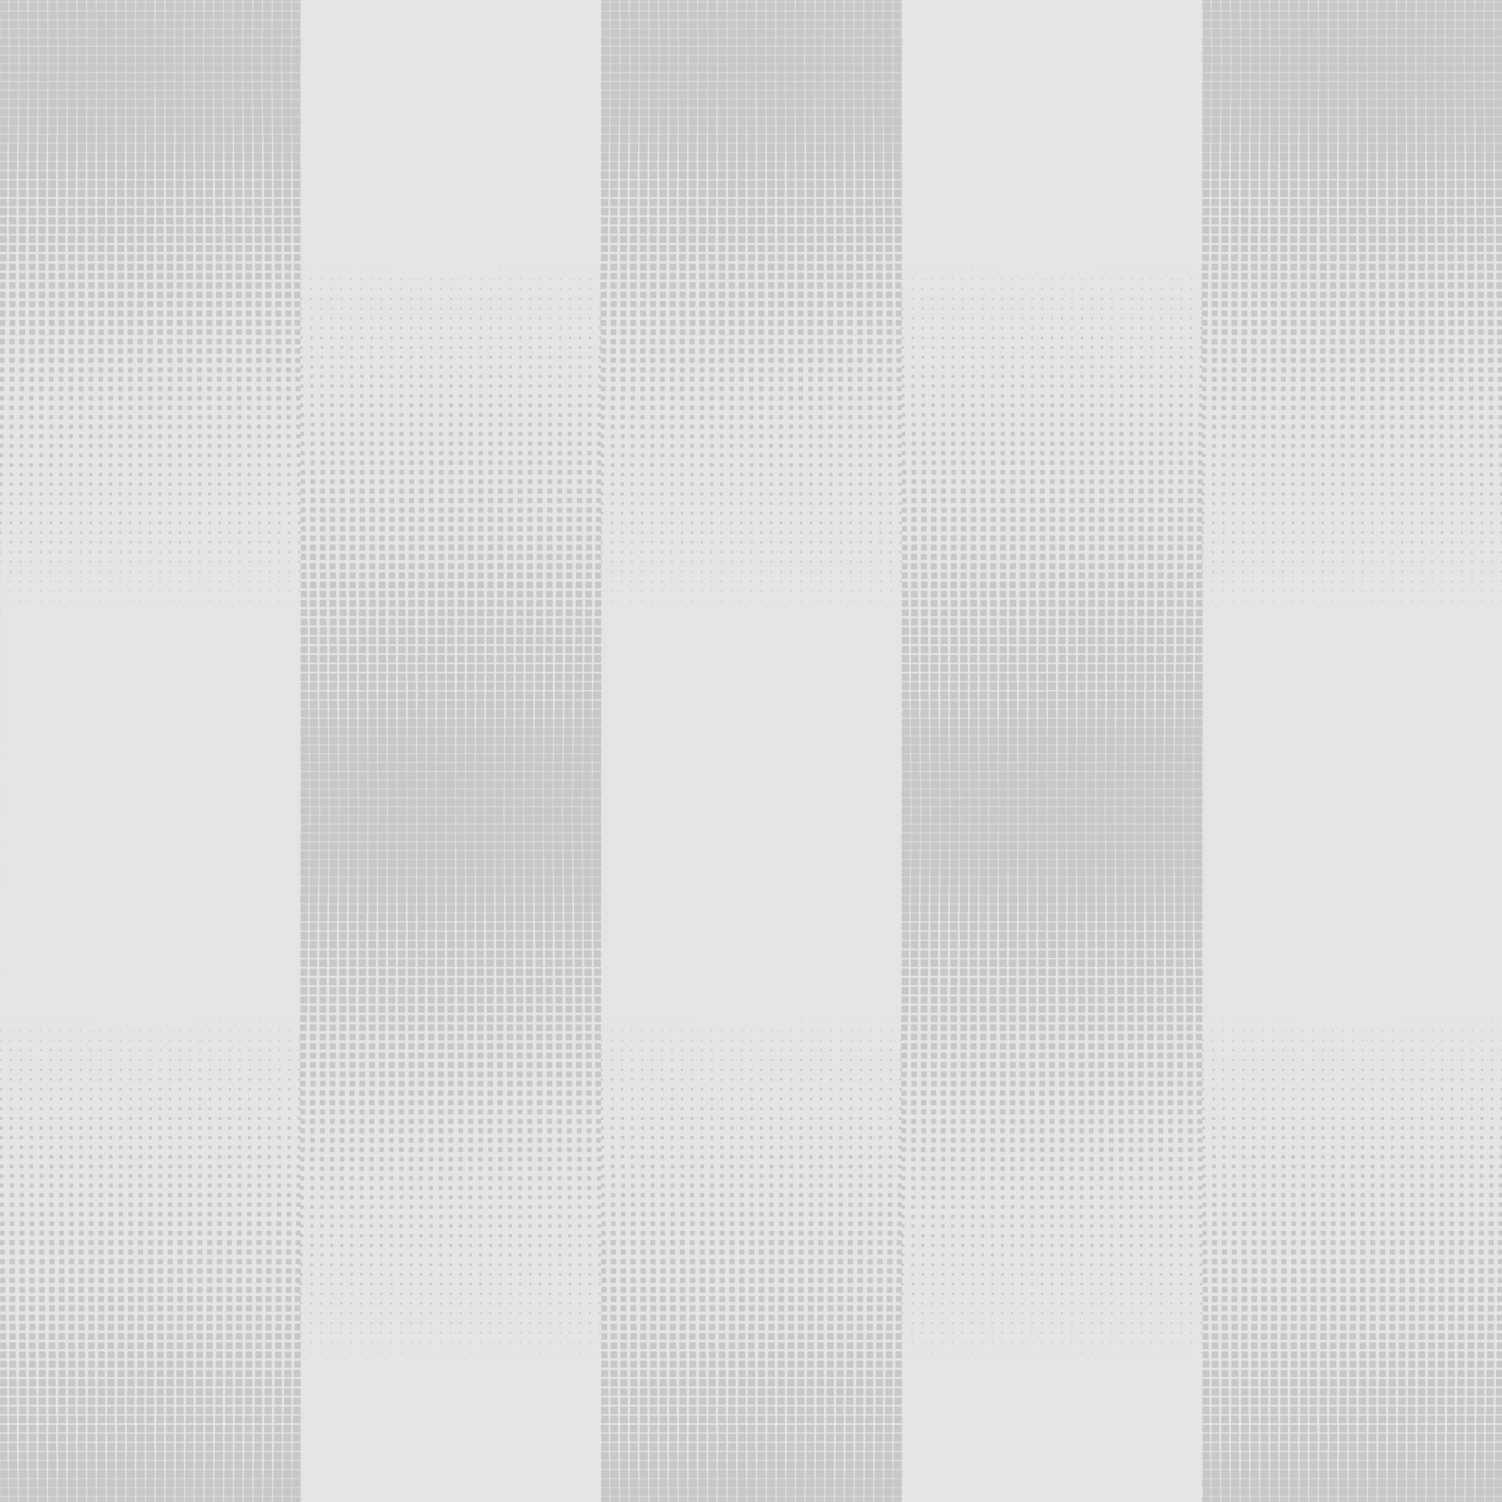 Papel de Parede Kan Tai Vinílico Coleção Neonature 5 Listras Tons cinza, Leve brilho